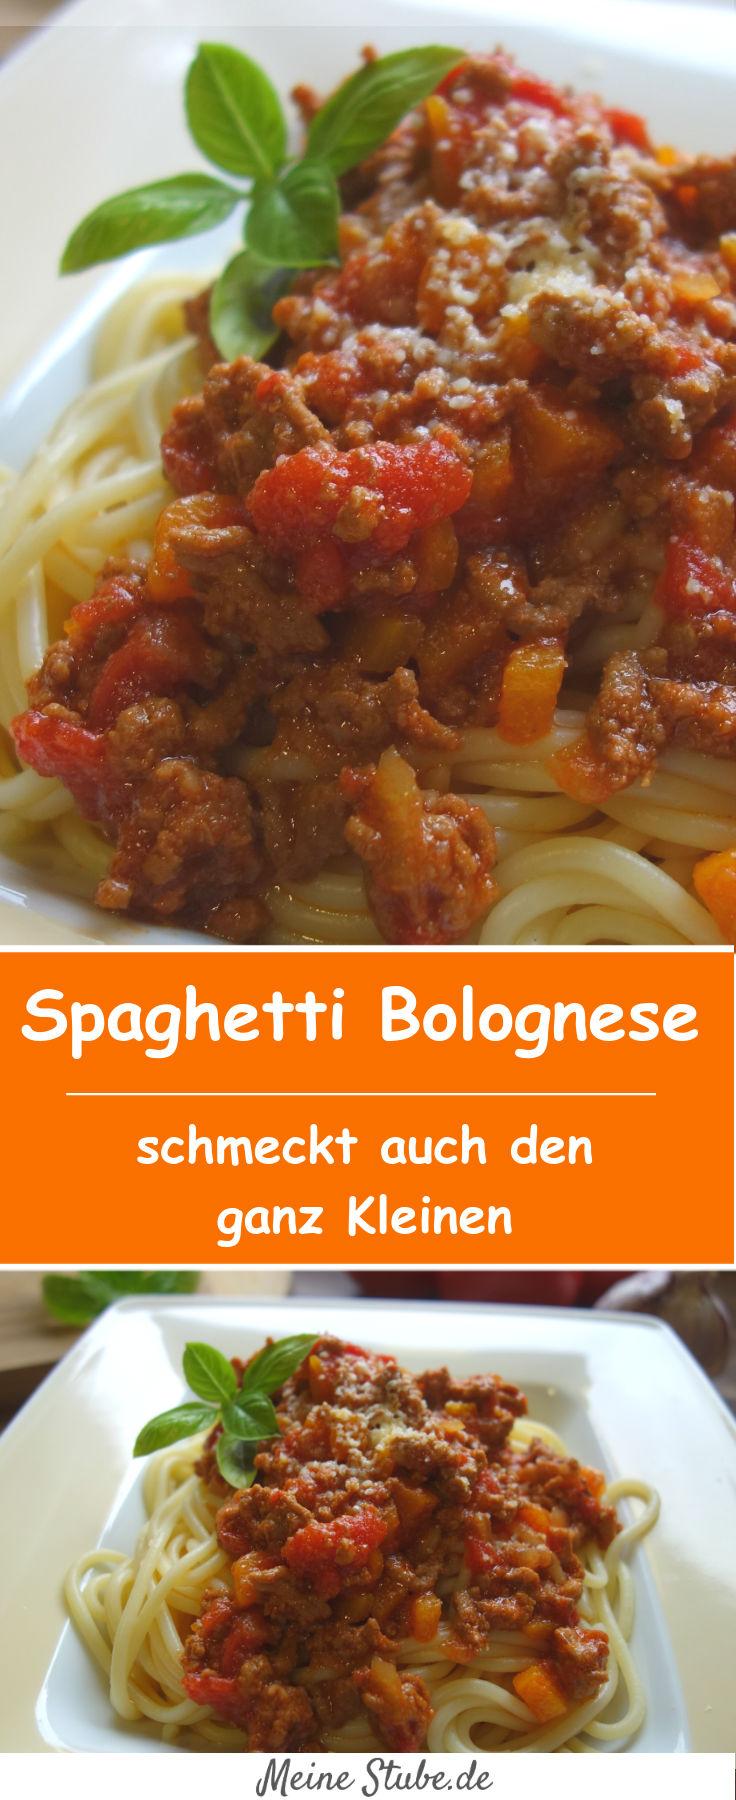 Spaghetti-bolognese-milch